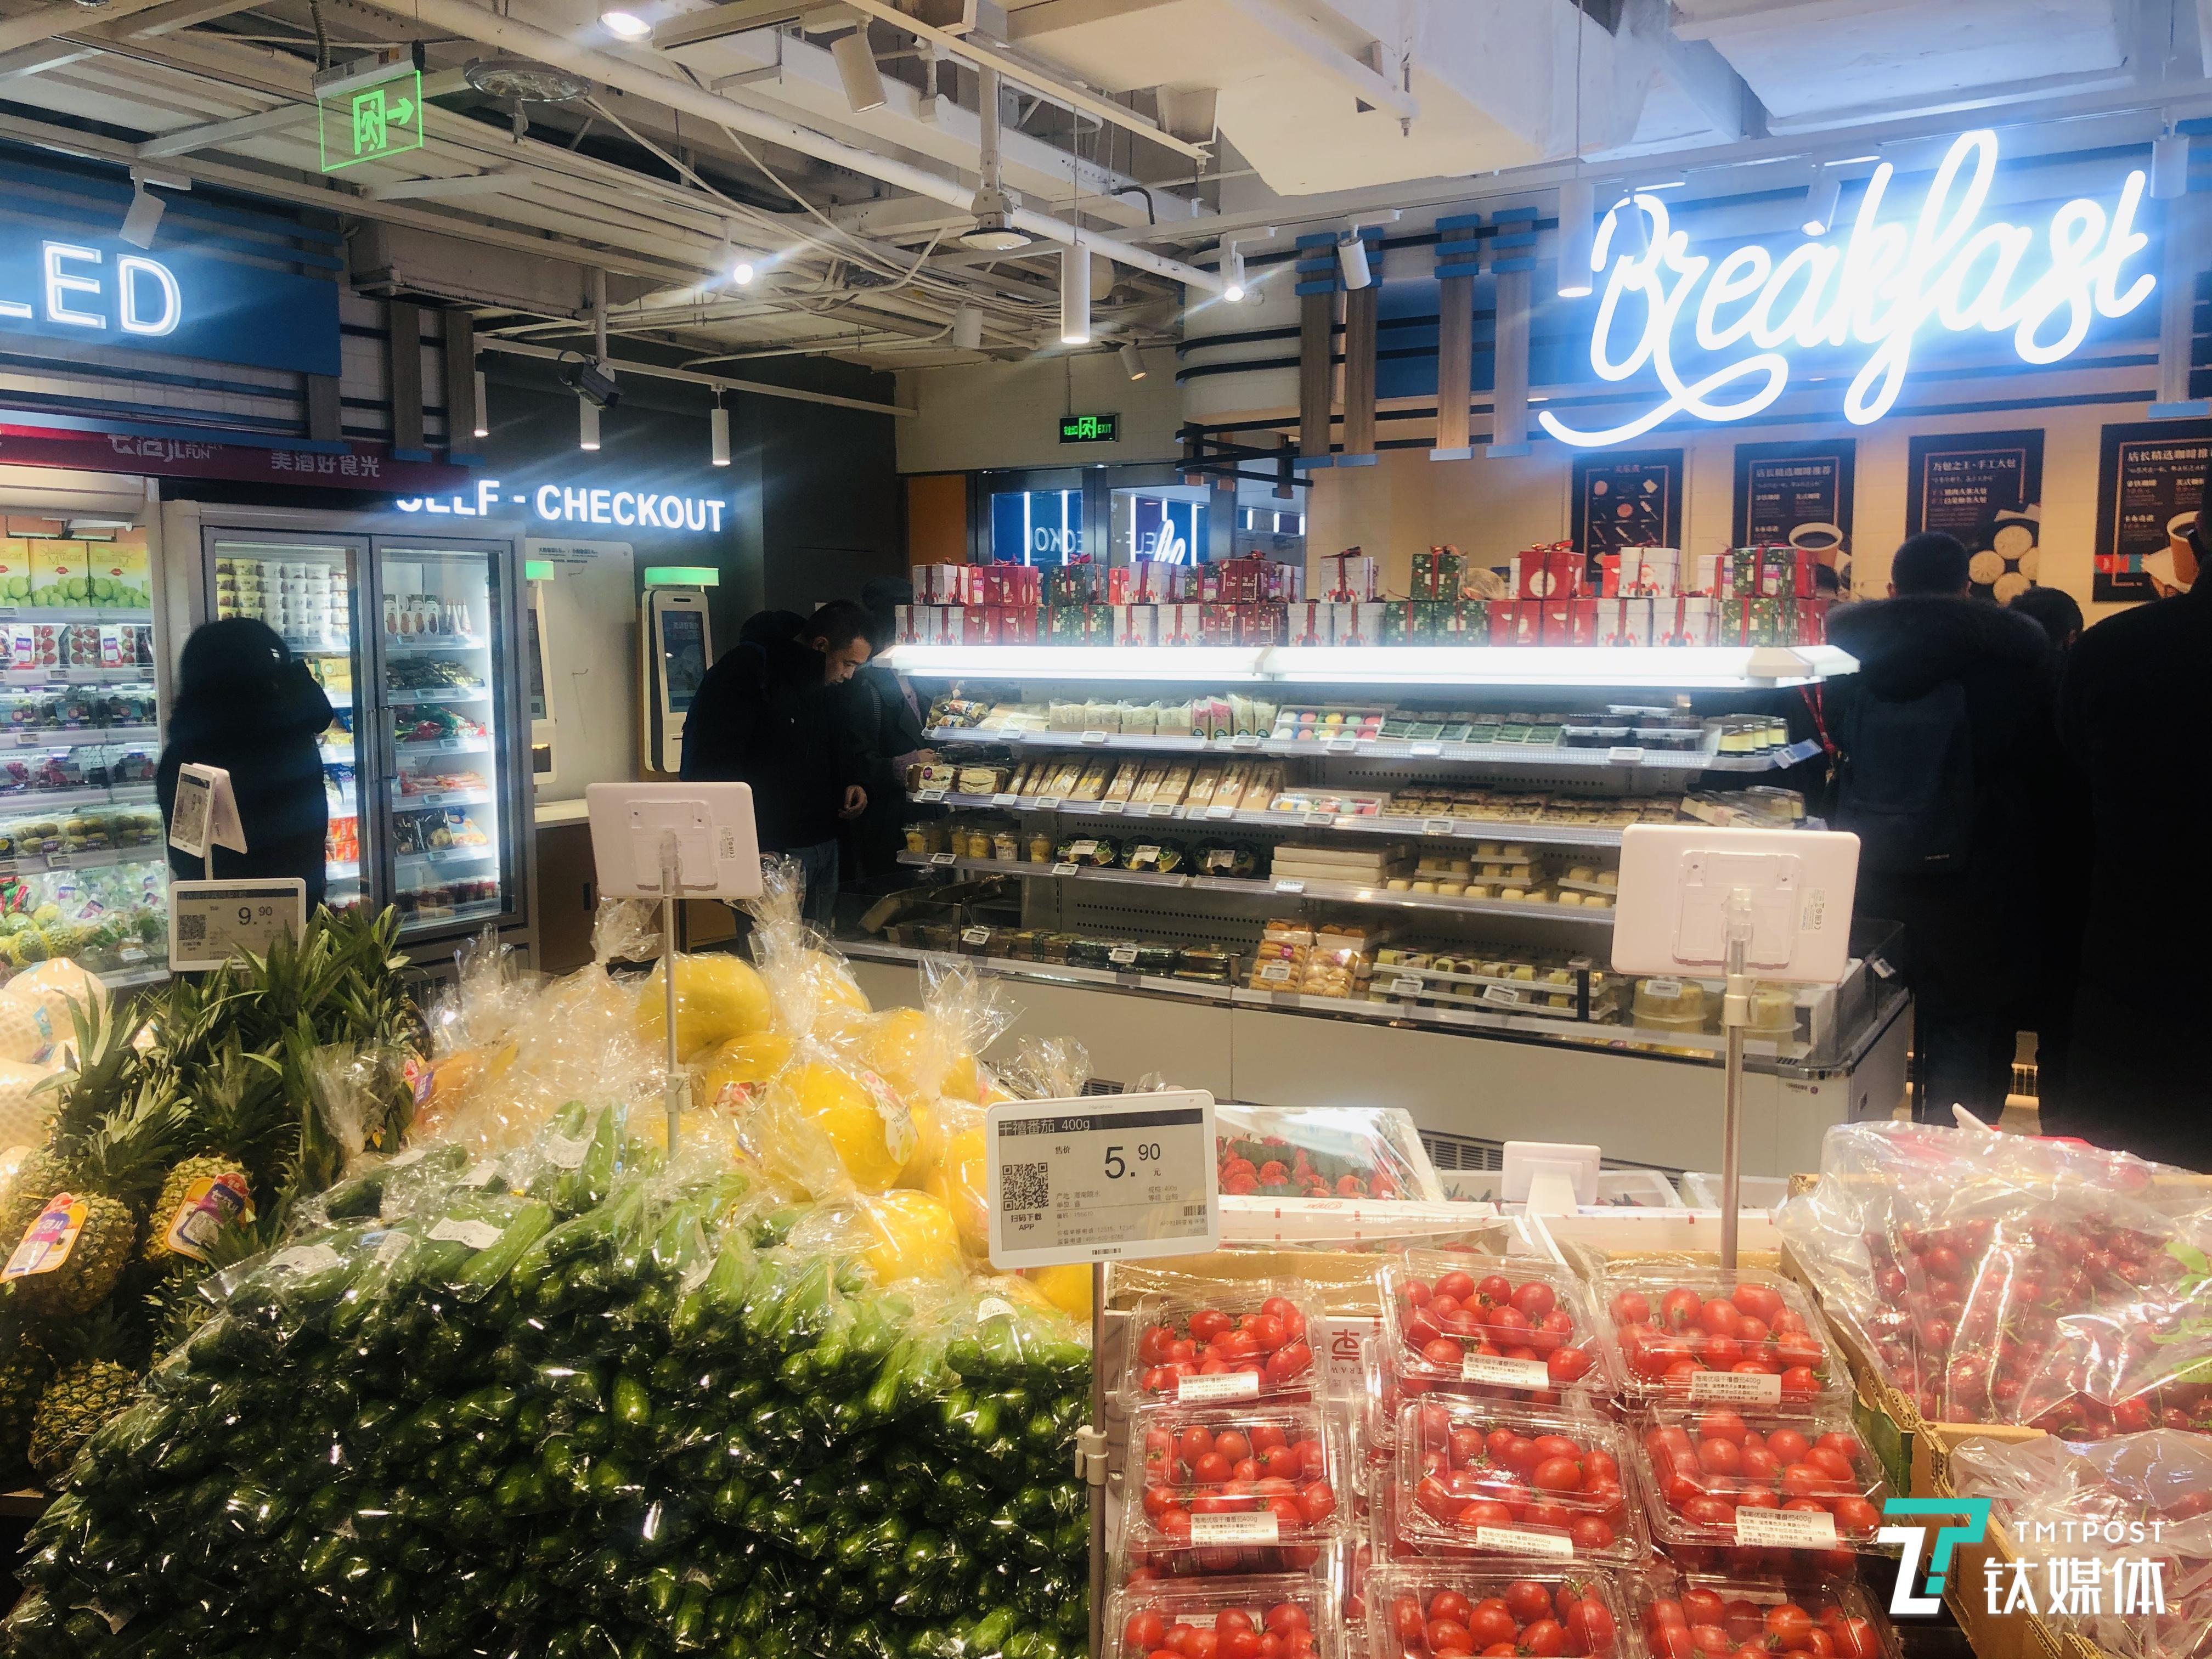 水果、烘焙区